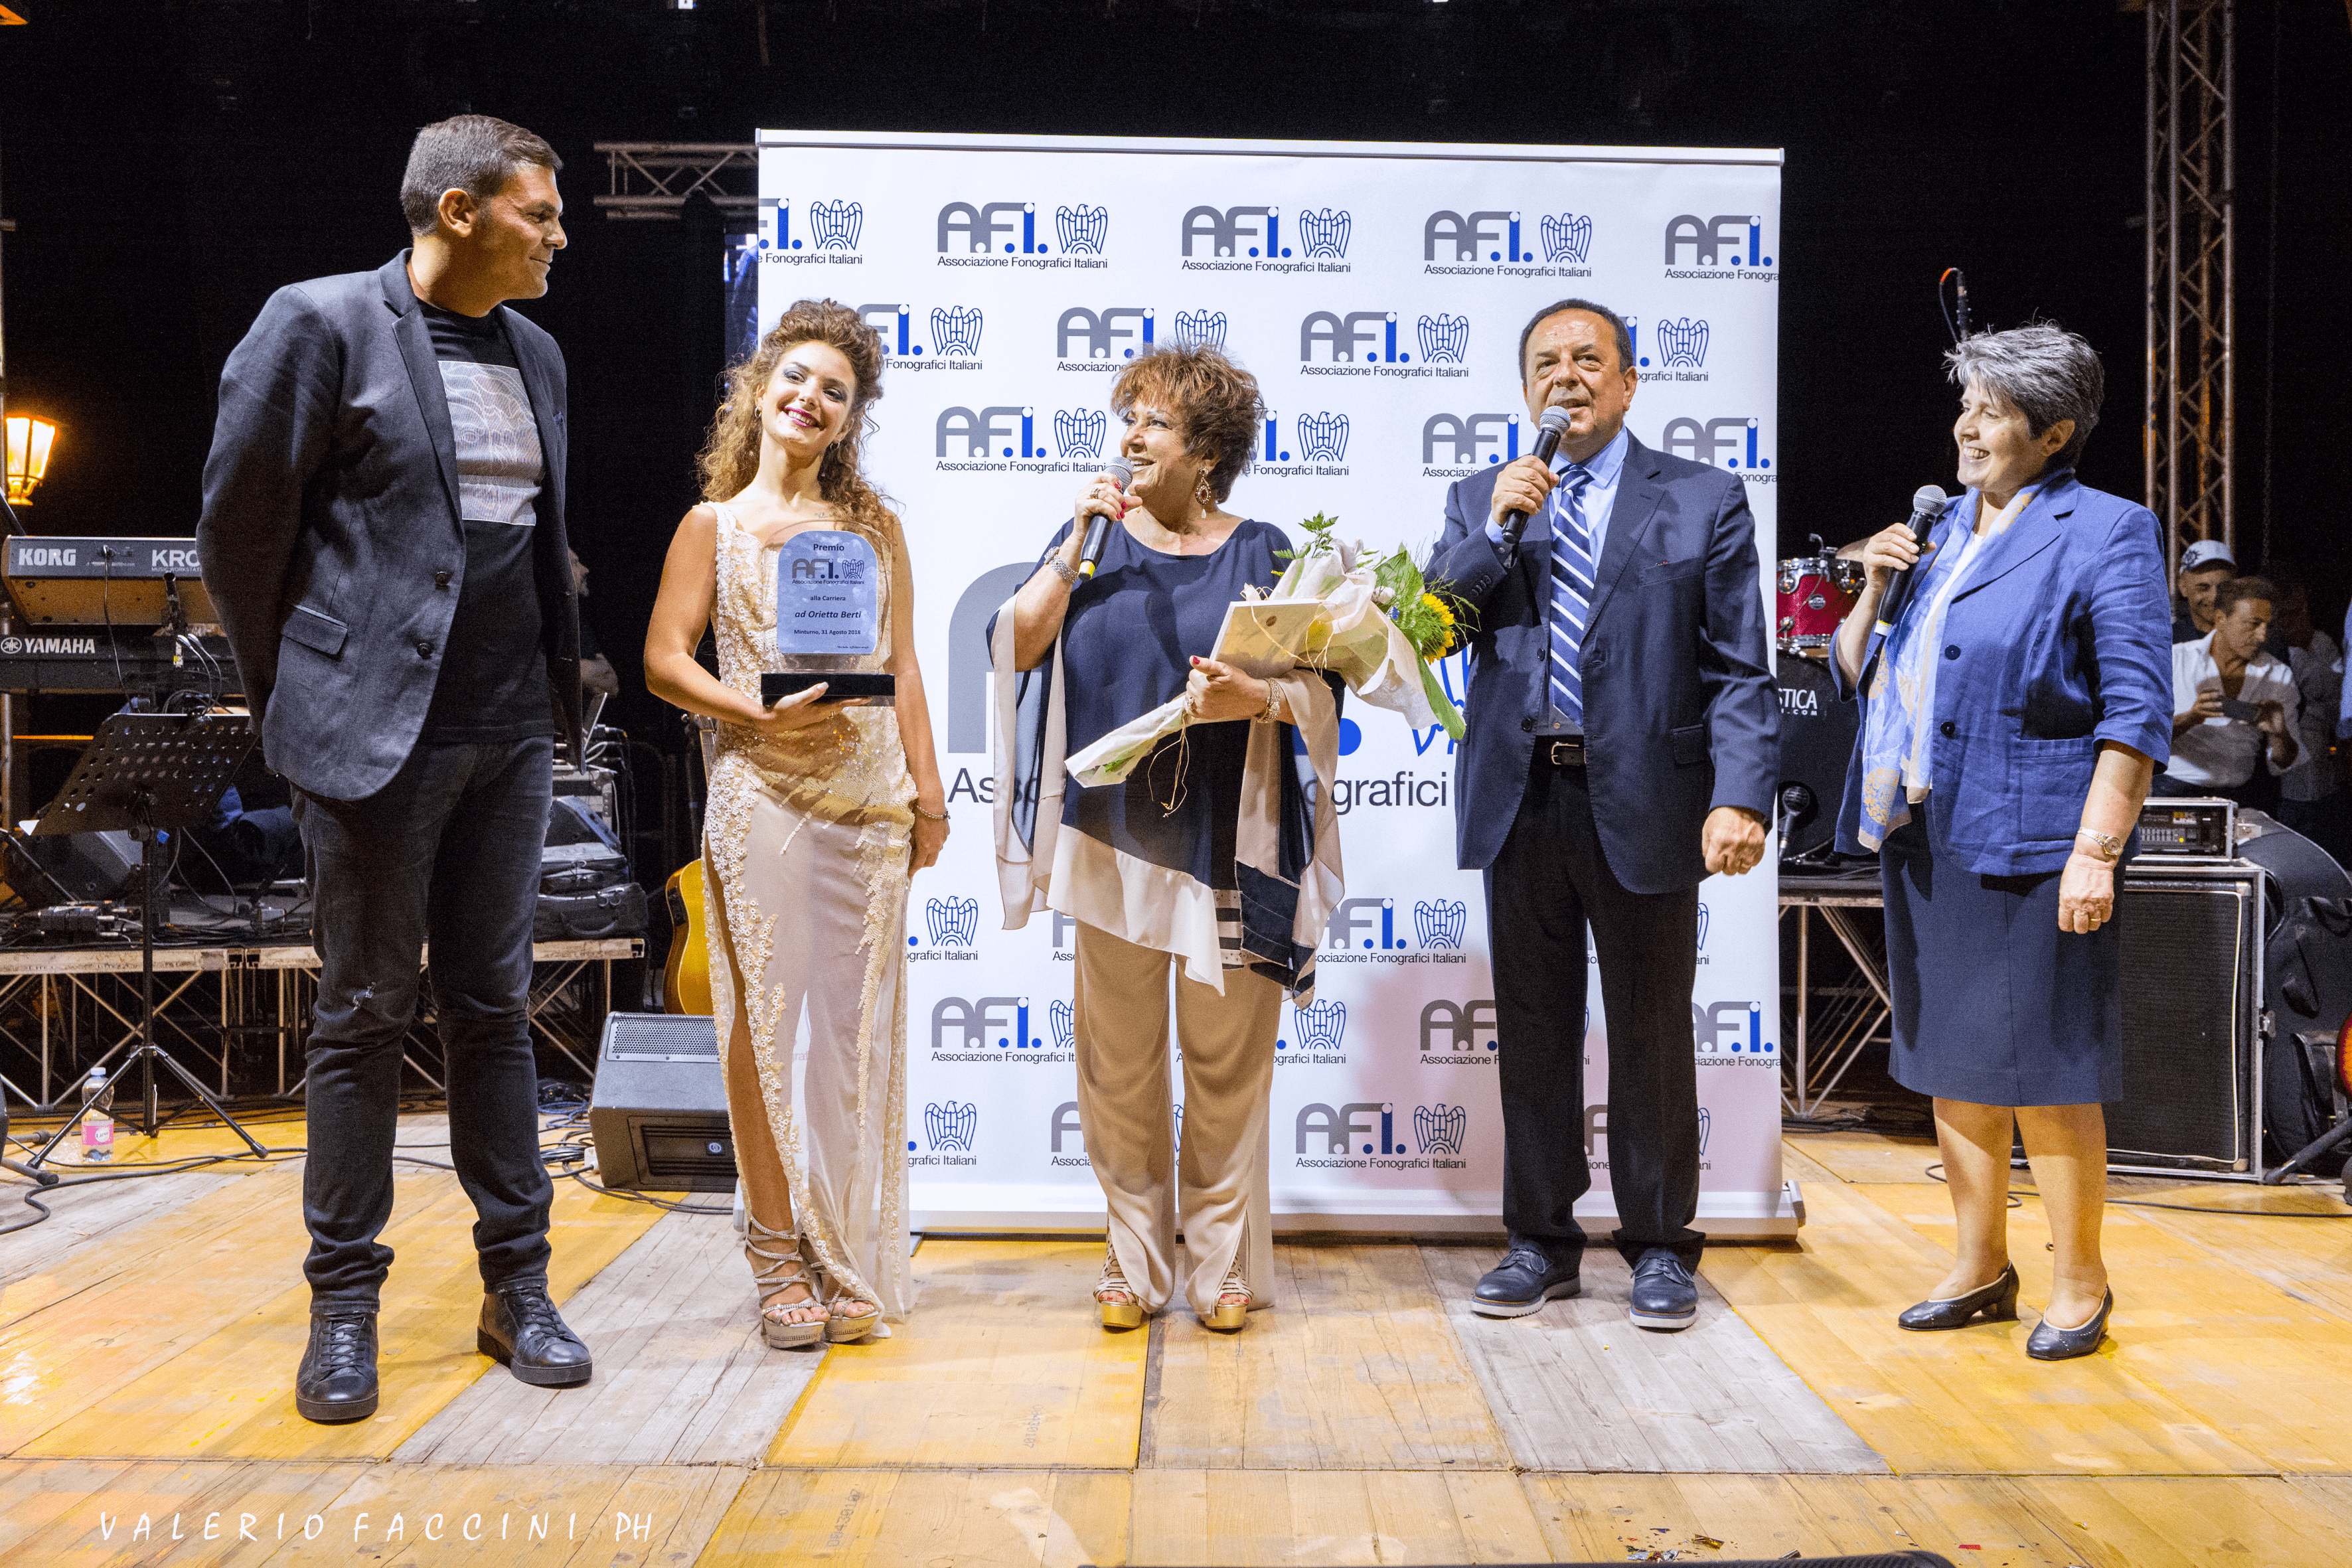 Da destra: la Vicepresidente AFI Suor Livia Sabatti, Il Consigliere Generale Pasquale Mammaro , Orietta Berti e il Presidente AFI, Sergio Cerruti